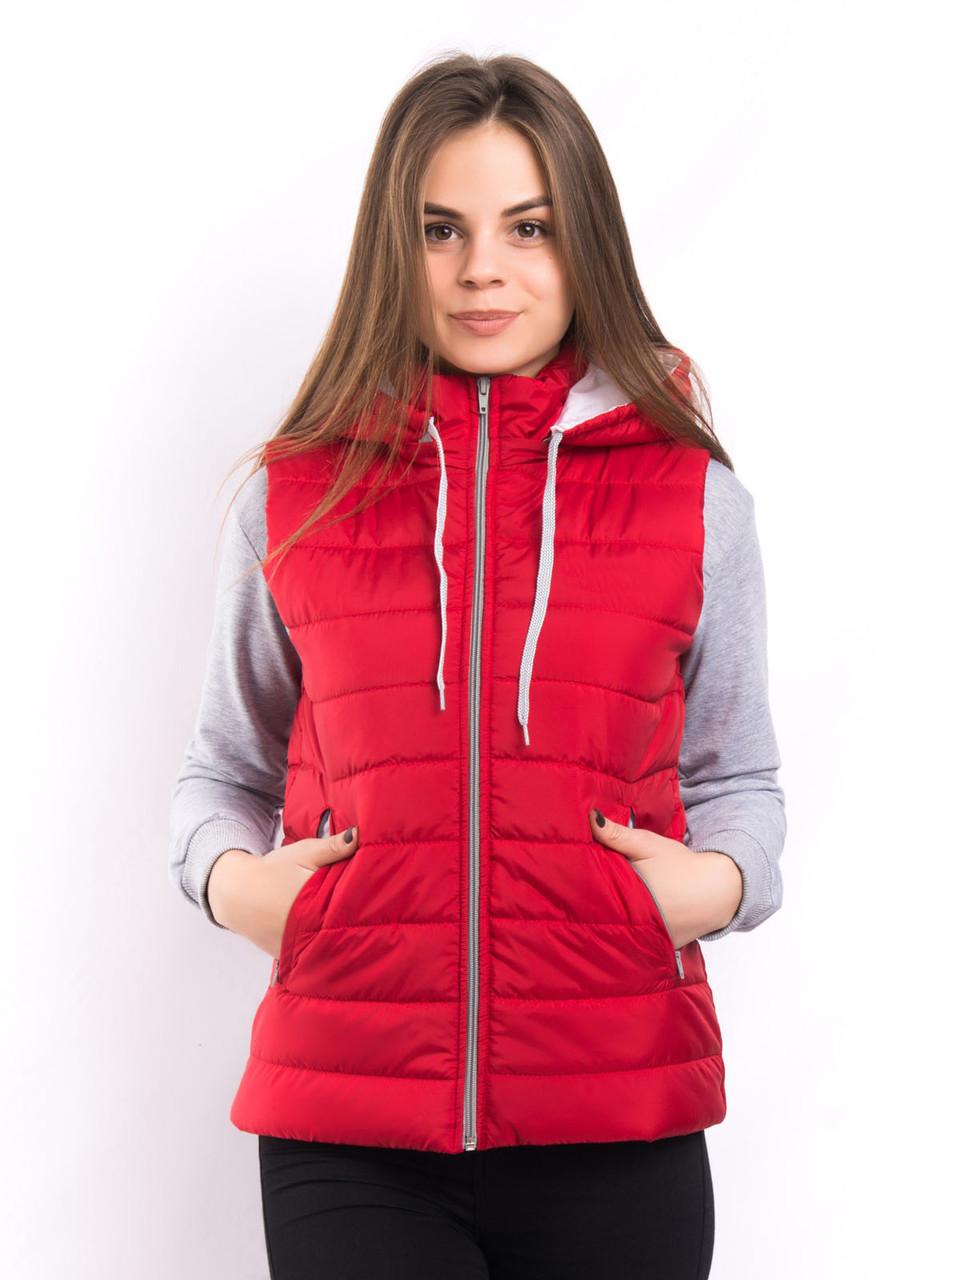 Женская жилетка красная производство Украина от производителя по низким ценам D123